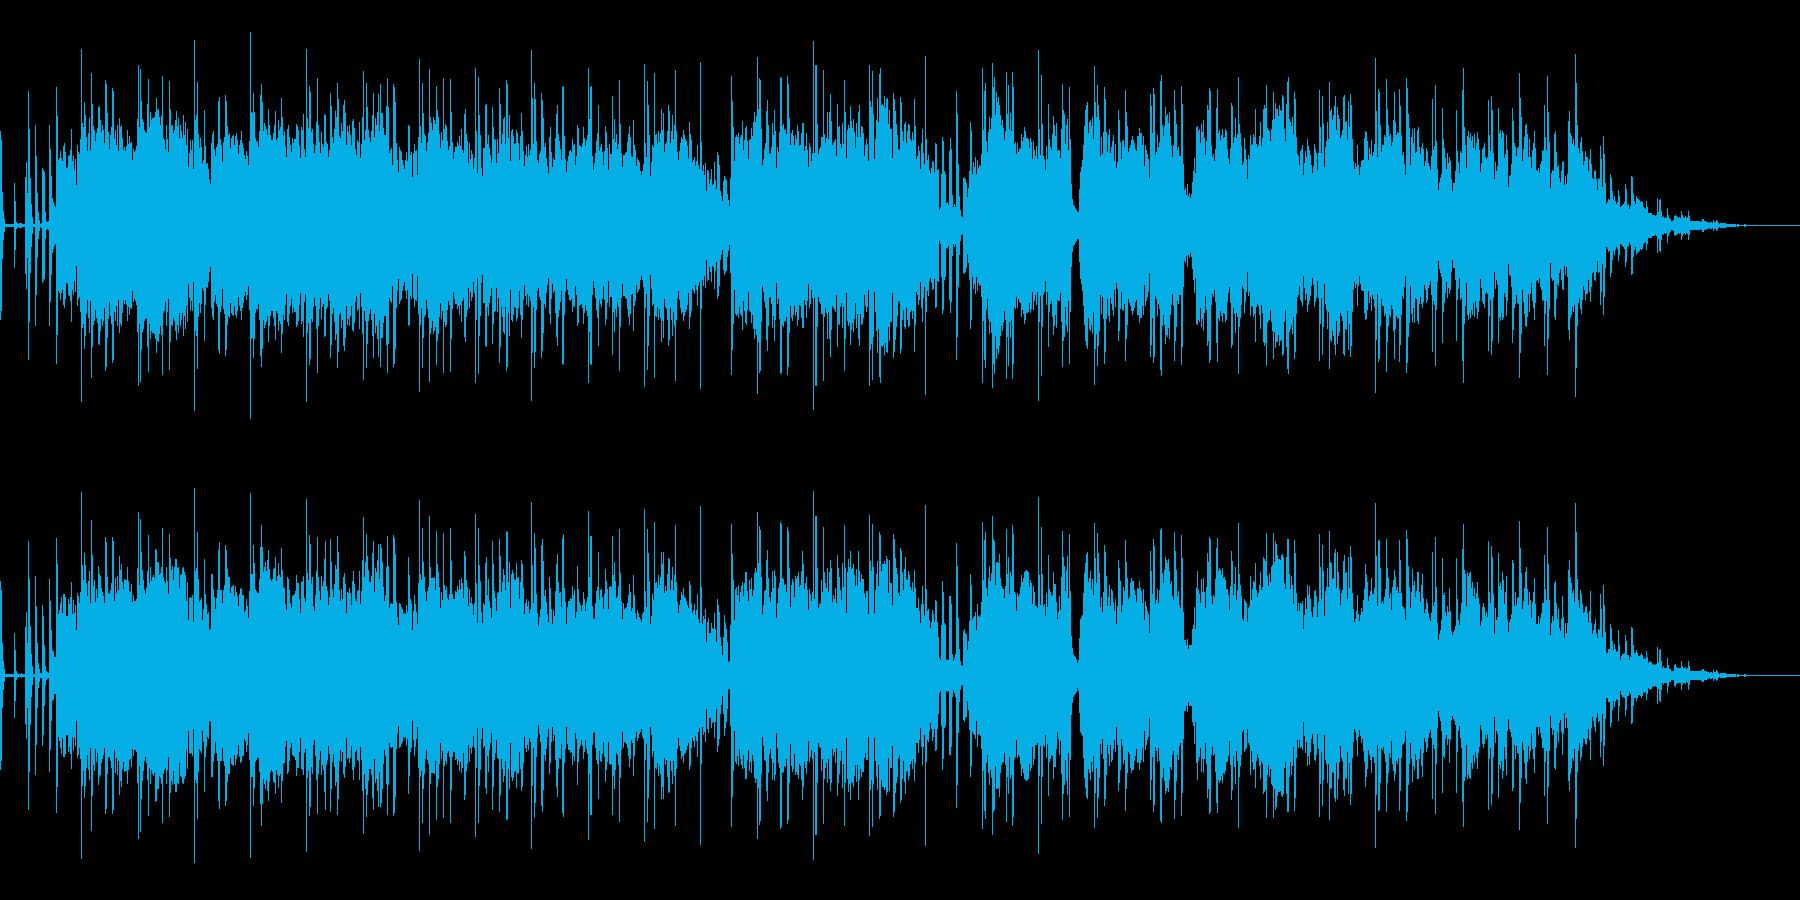 心地よいグルーヴとLo-fiエレピの曲の再生済みの波形